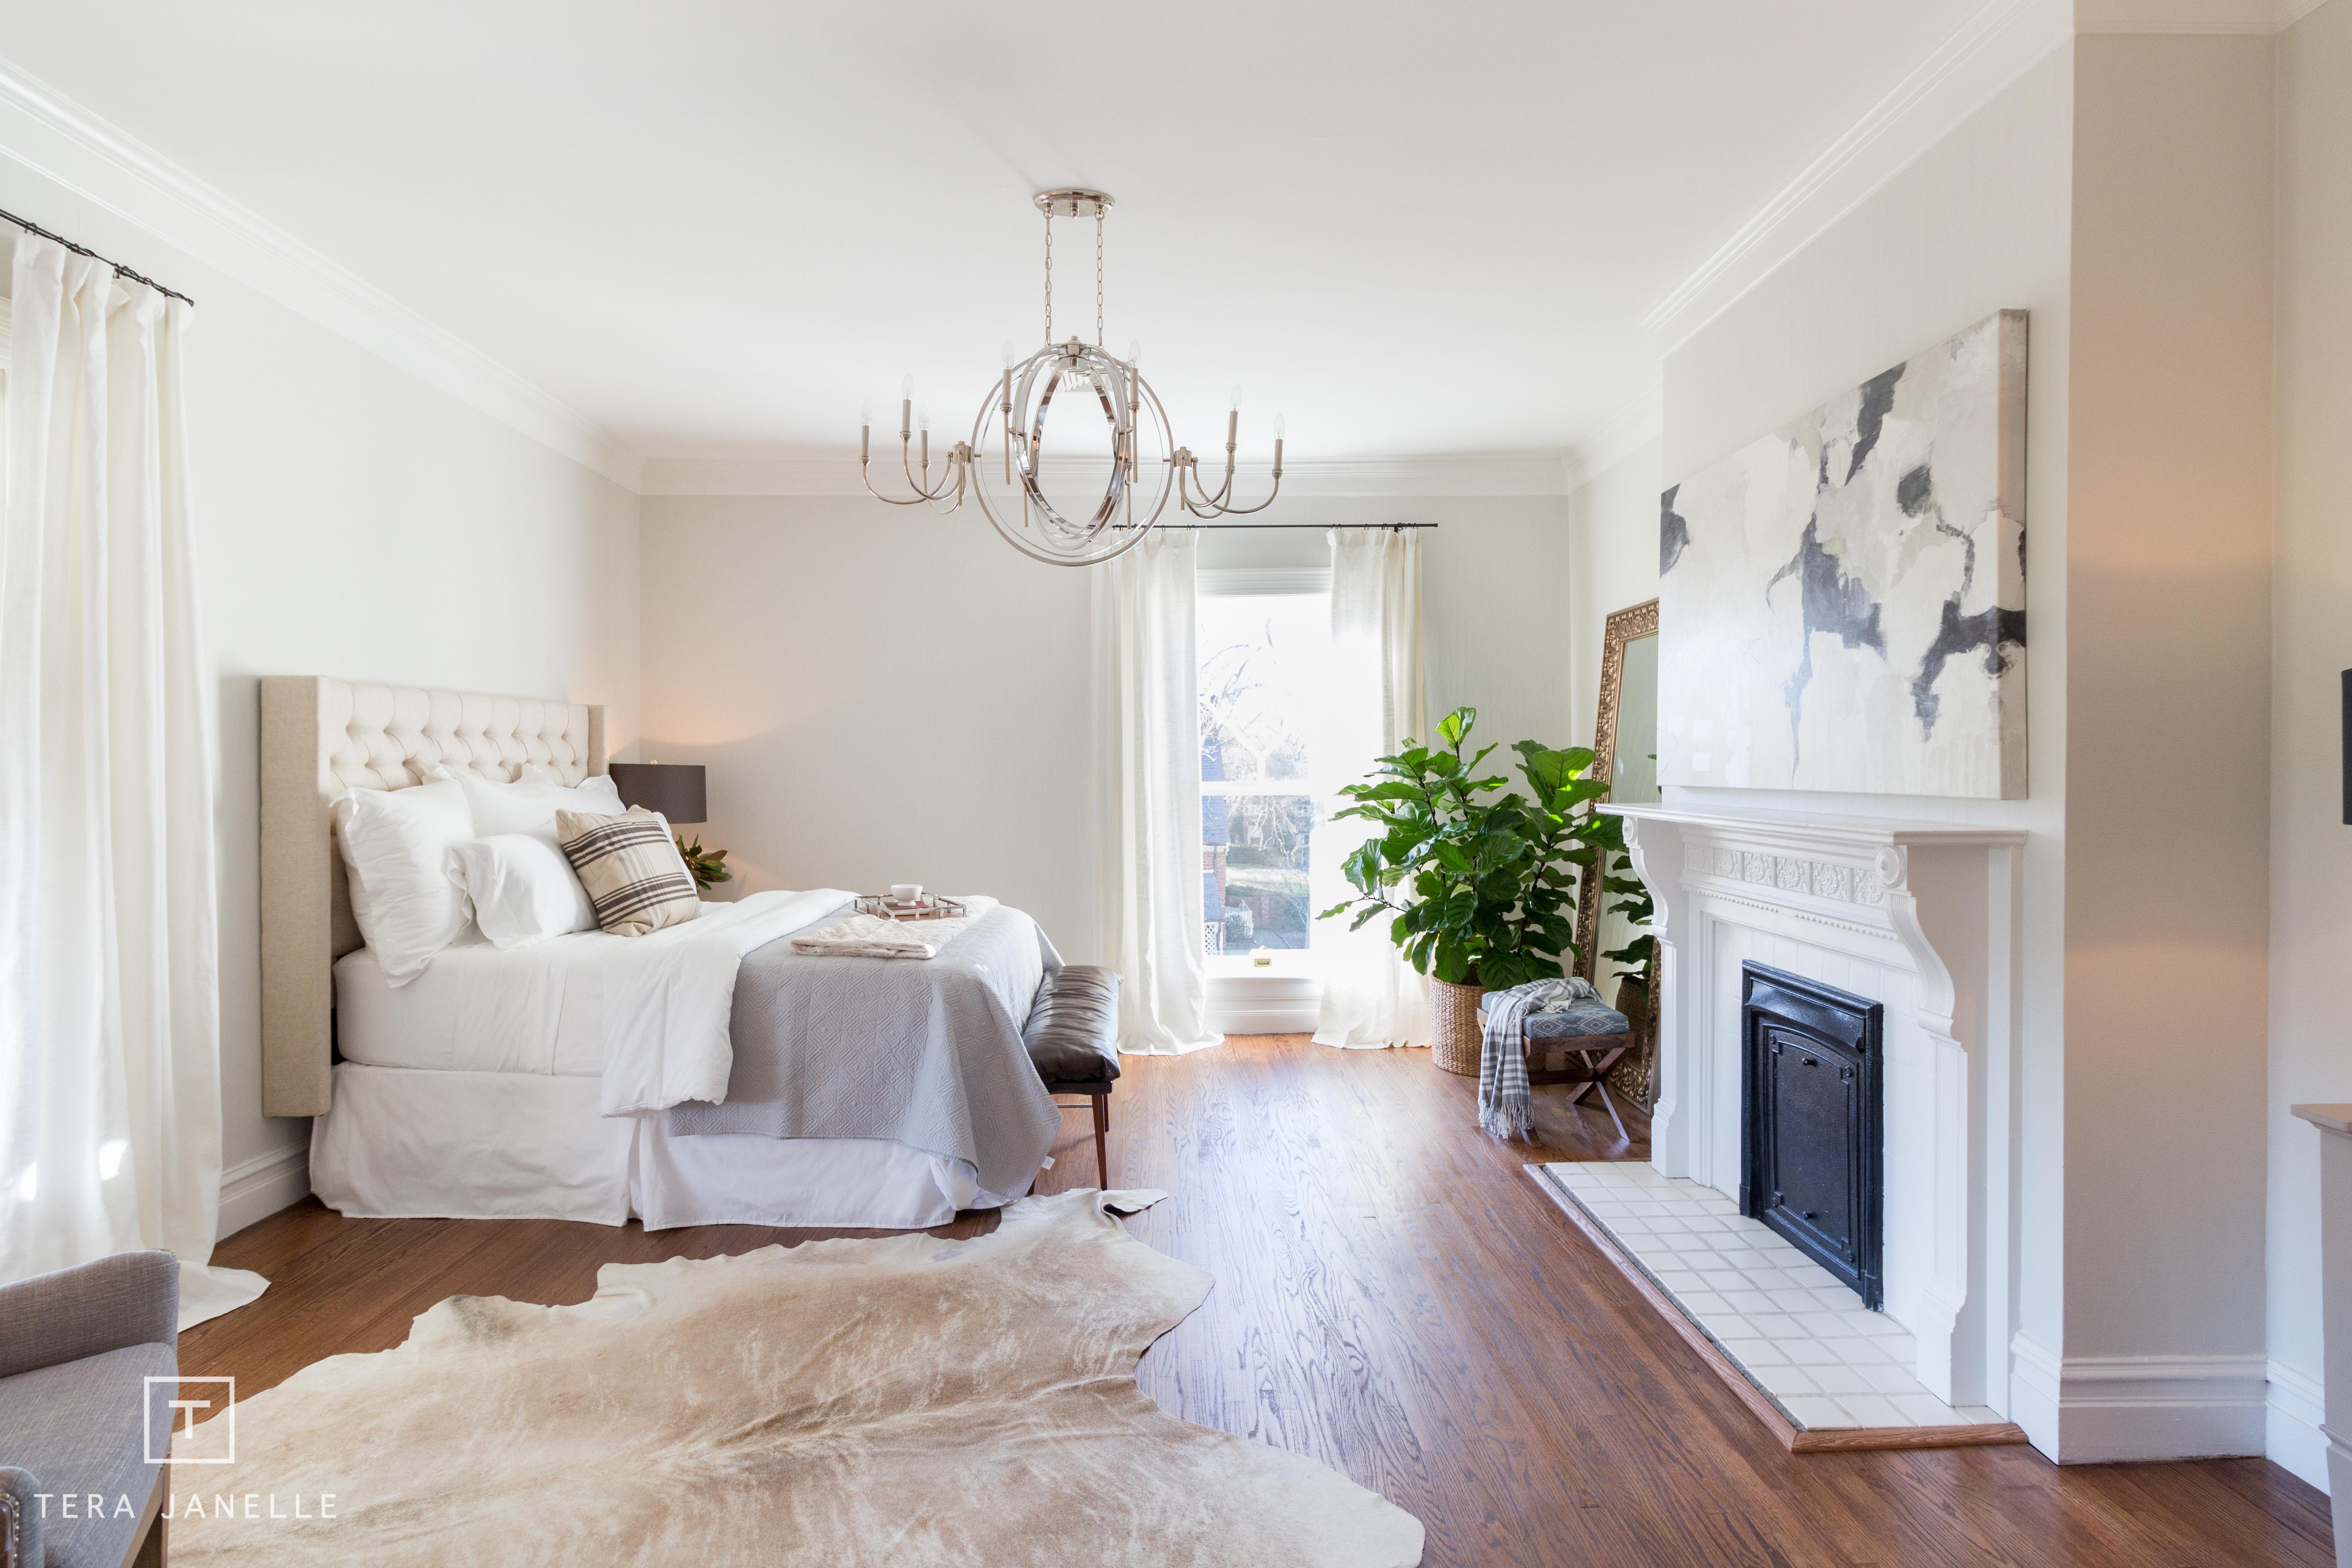 Tera Janelle - Right Bedroom-1.jpg